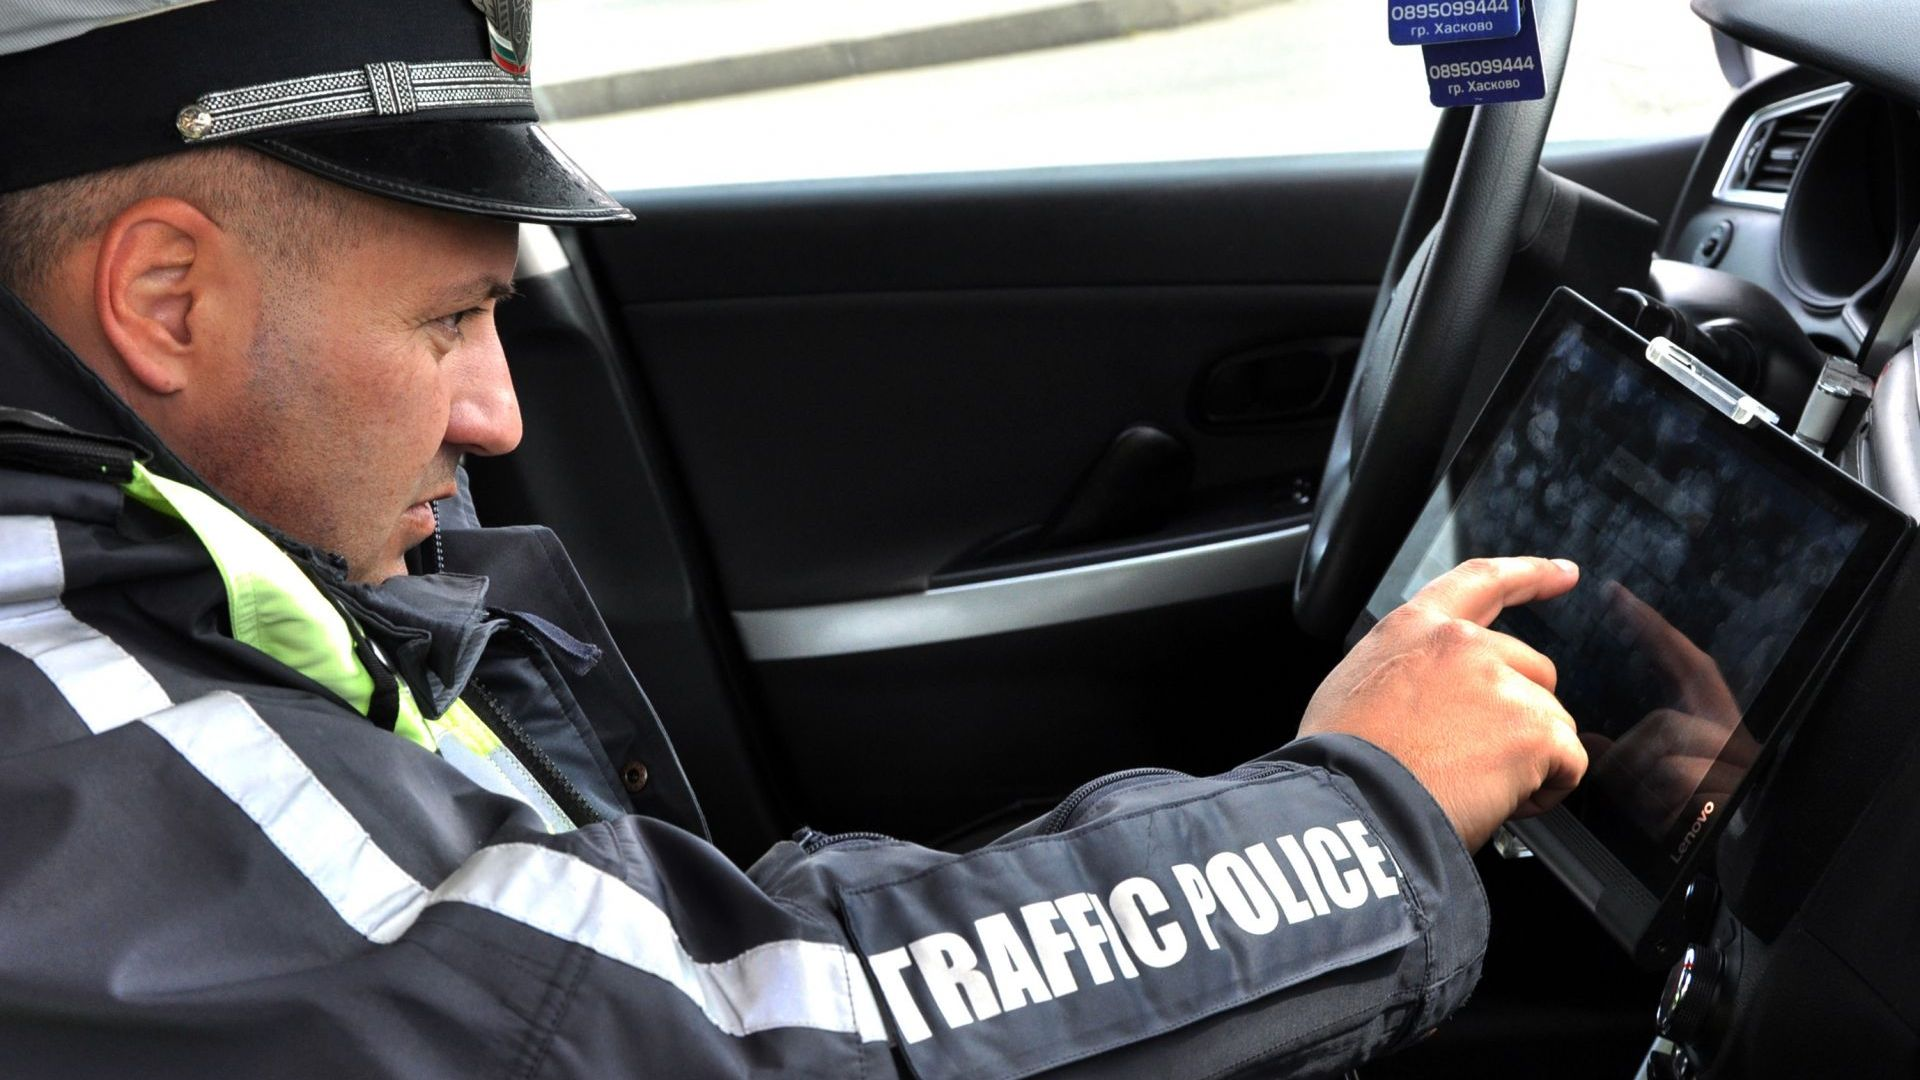 МВР си поръчва мощни коли от 250 коня, за да гони магистрални джигити